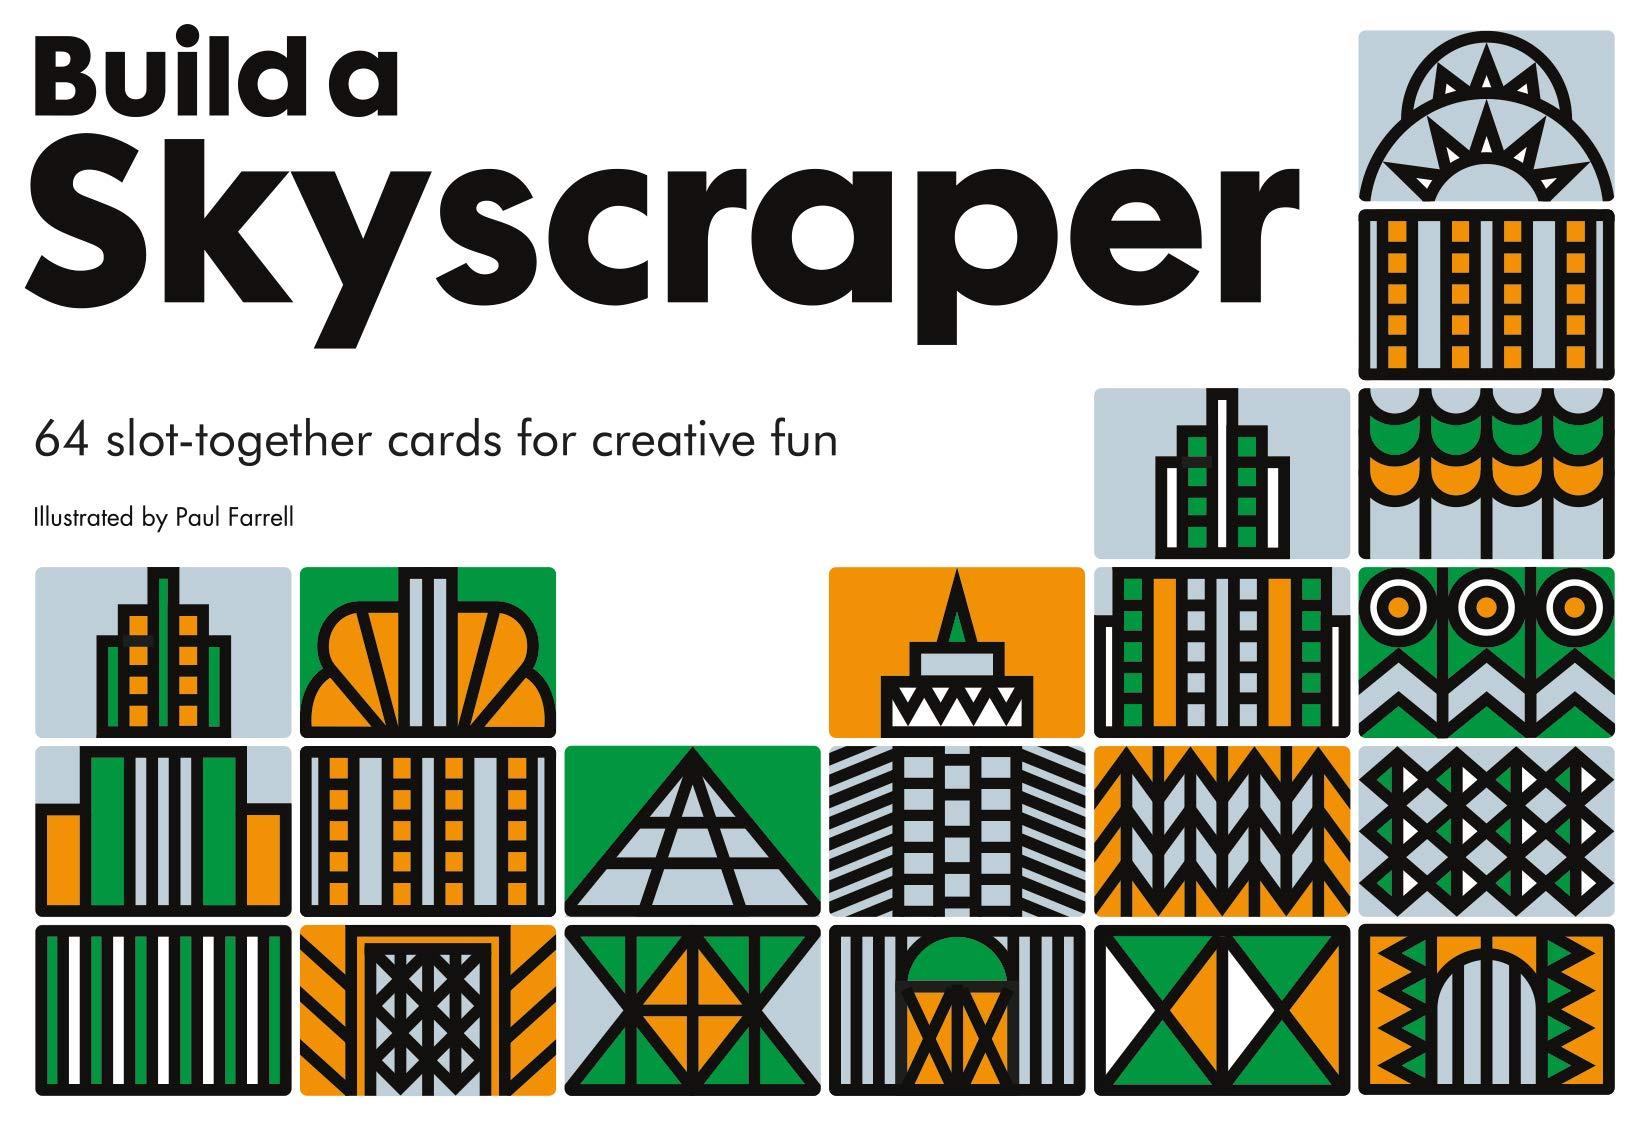 Build a Skyscraper Card aff link